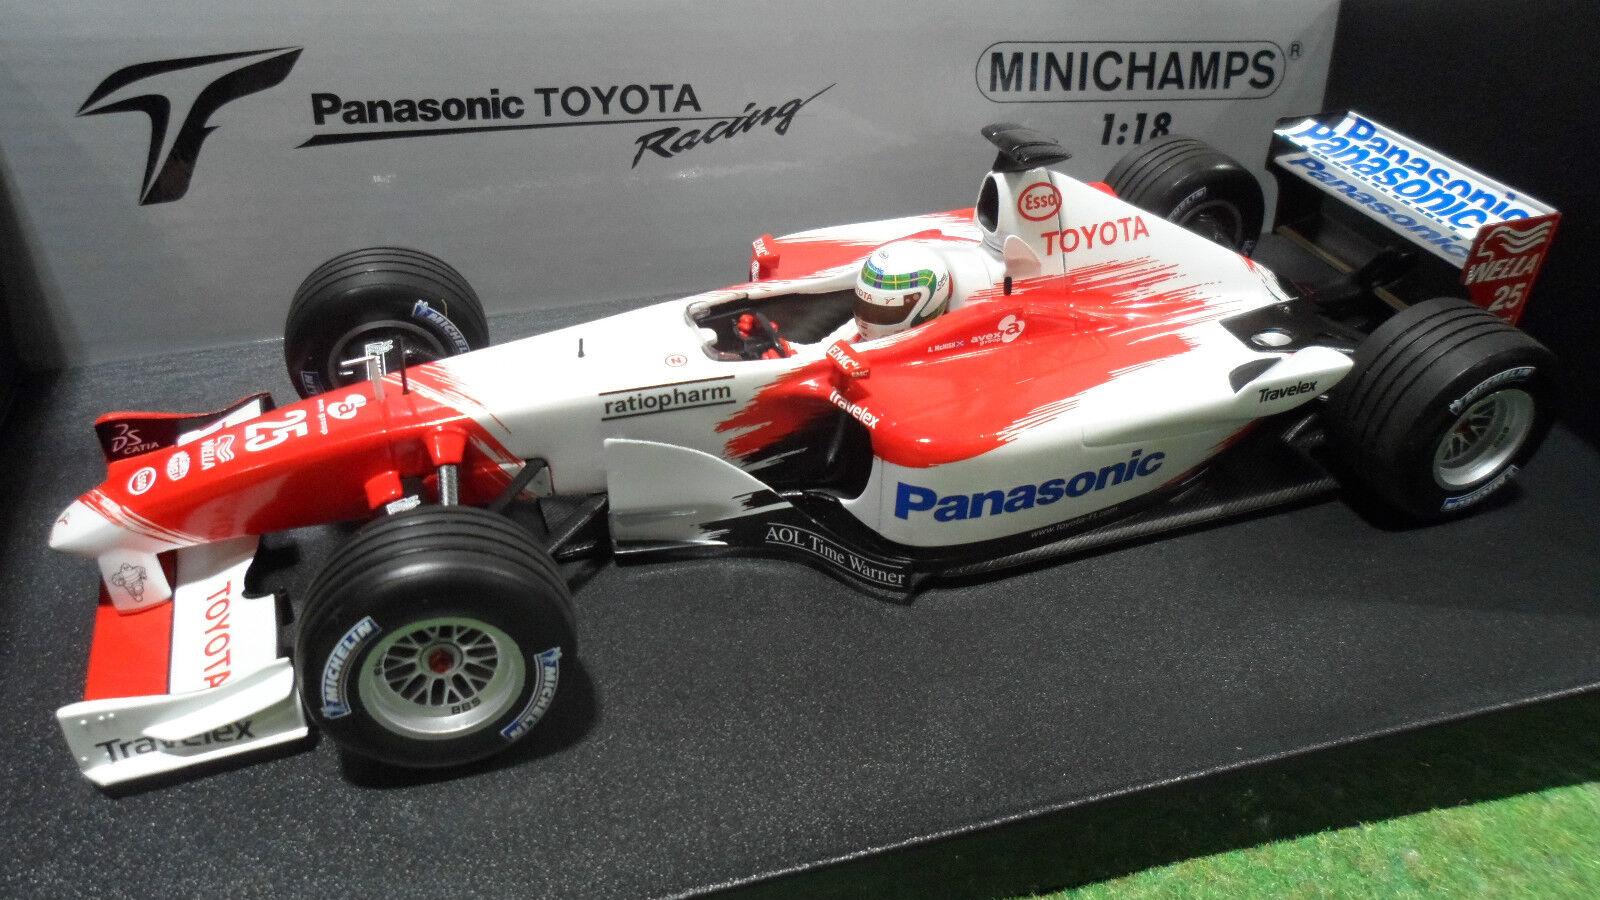 F1 TOYOTA PANASONIC TF102  25 McNish 1 18 MINICHAMPS 100020025 voiture miniatur